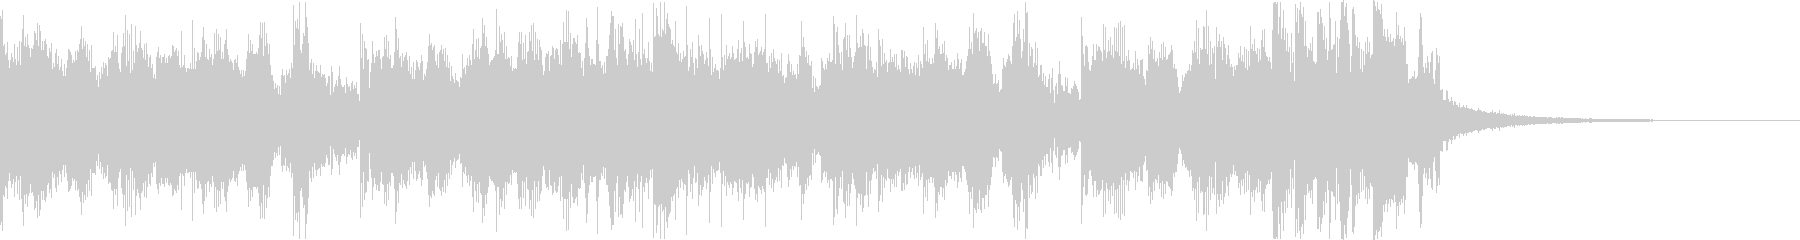 スタイリッシュ・アグレッシブエレクトロbの未再生の波形